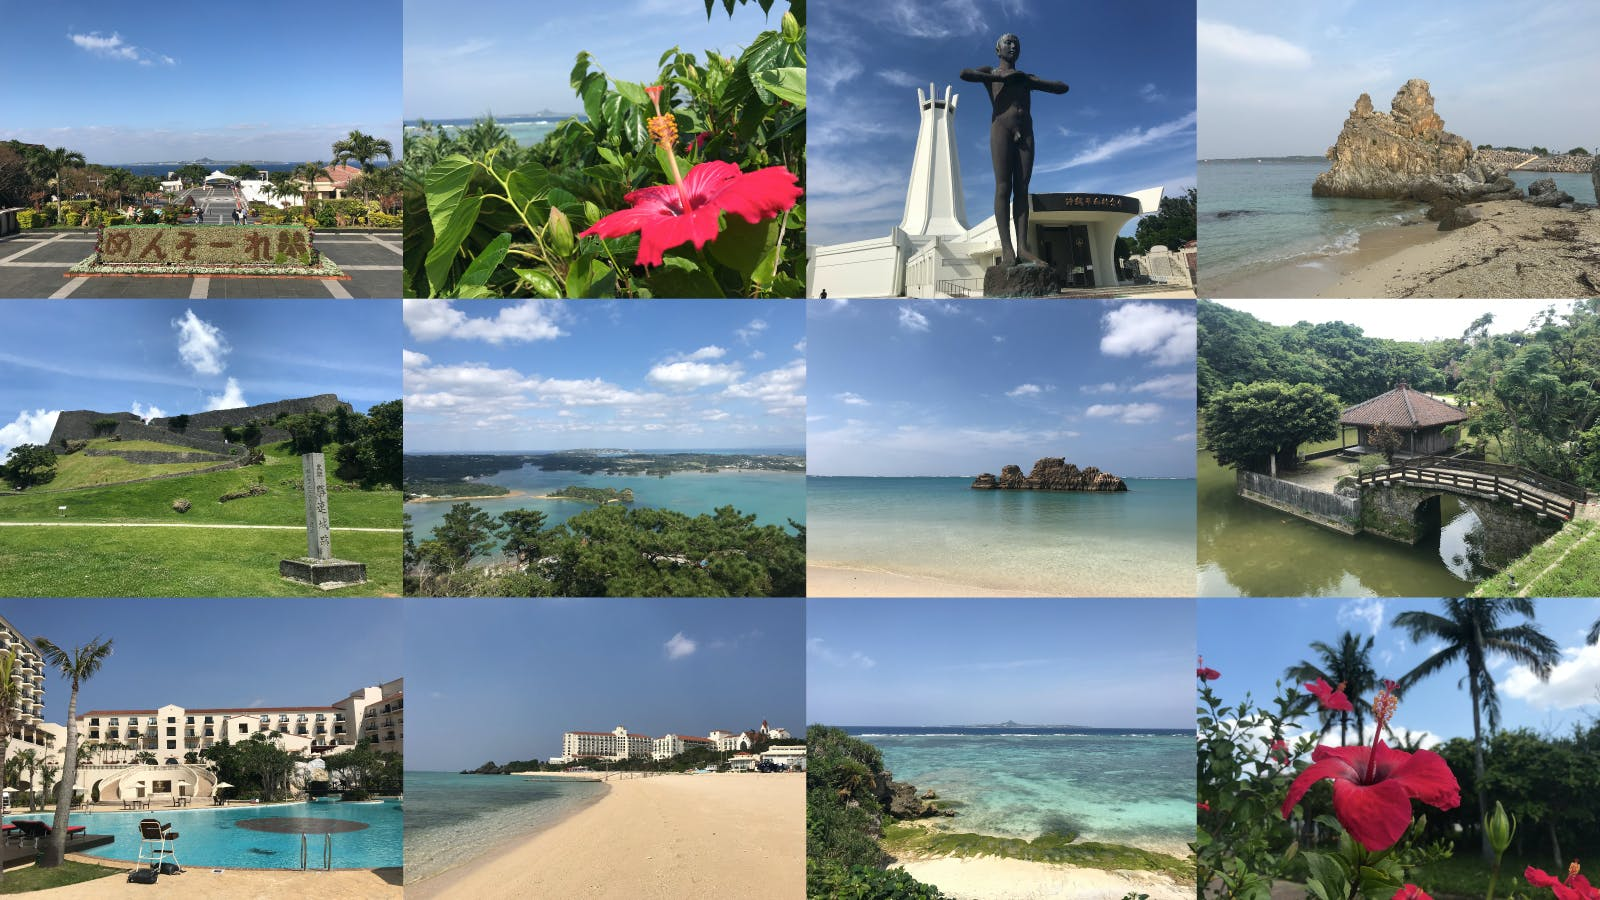 僕YUNTAWAYが選ぶ自らの足を運んで写してきた沖縄らしい絶景の写真!